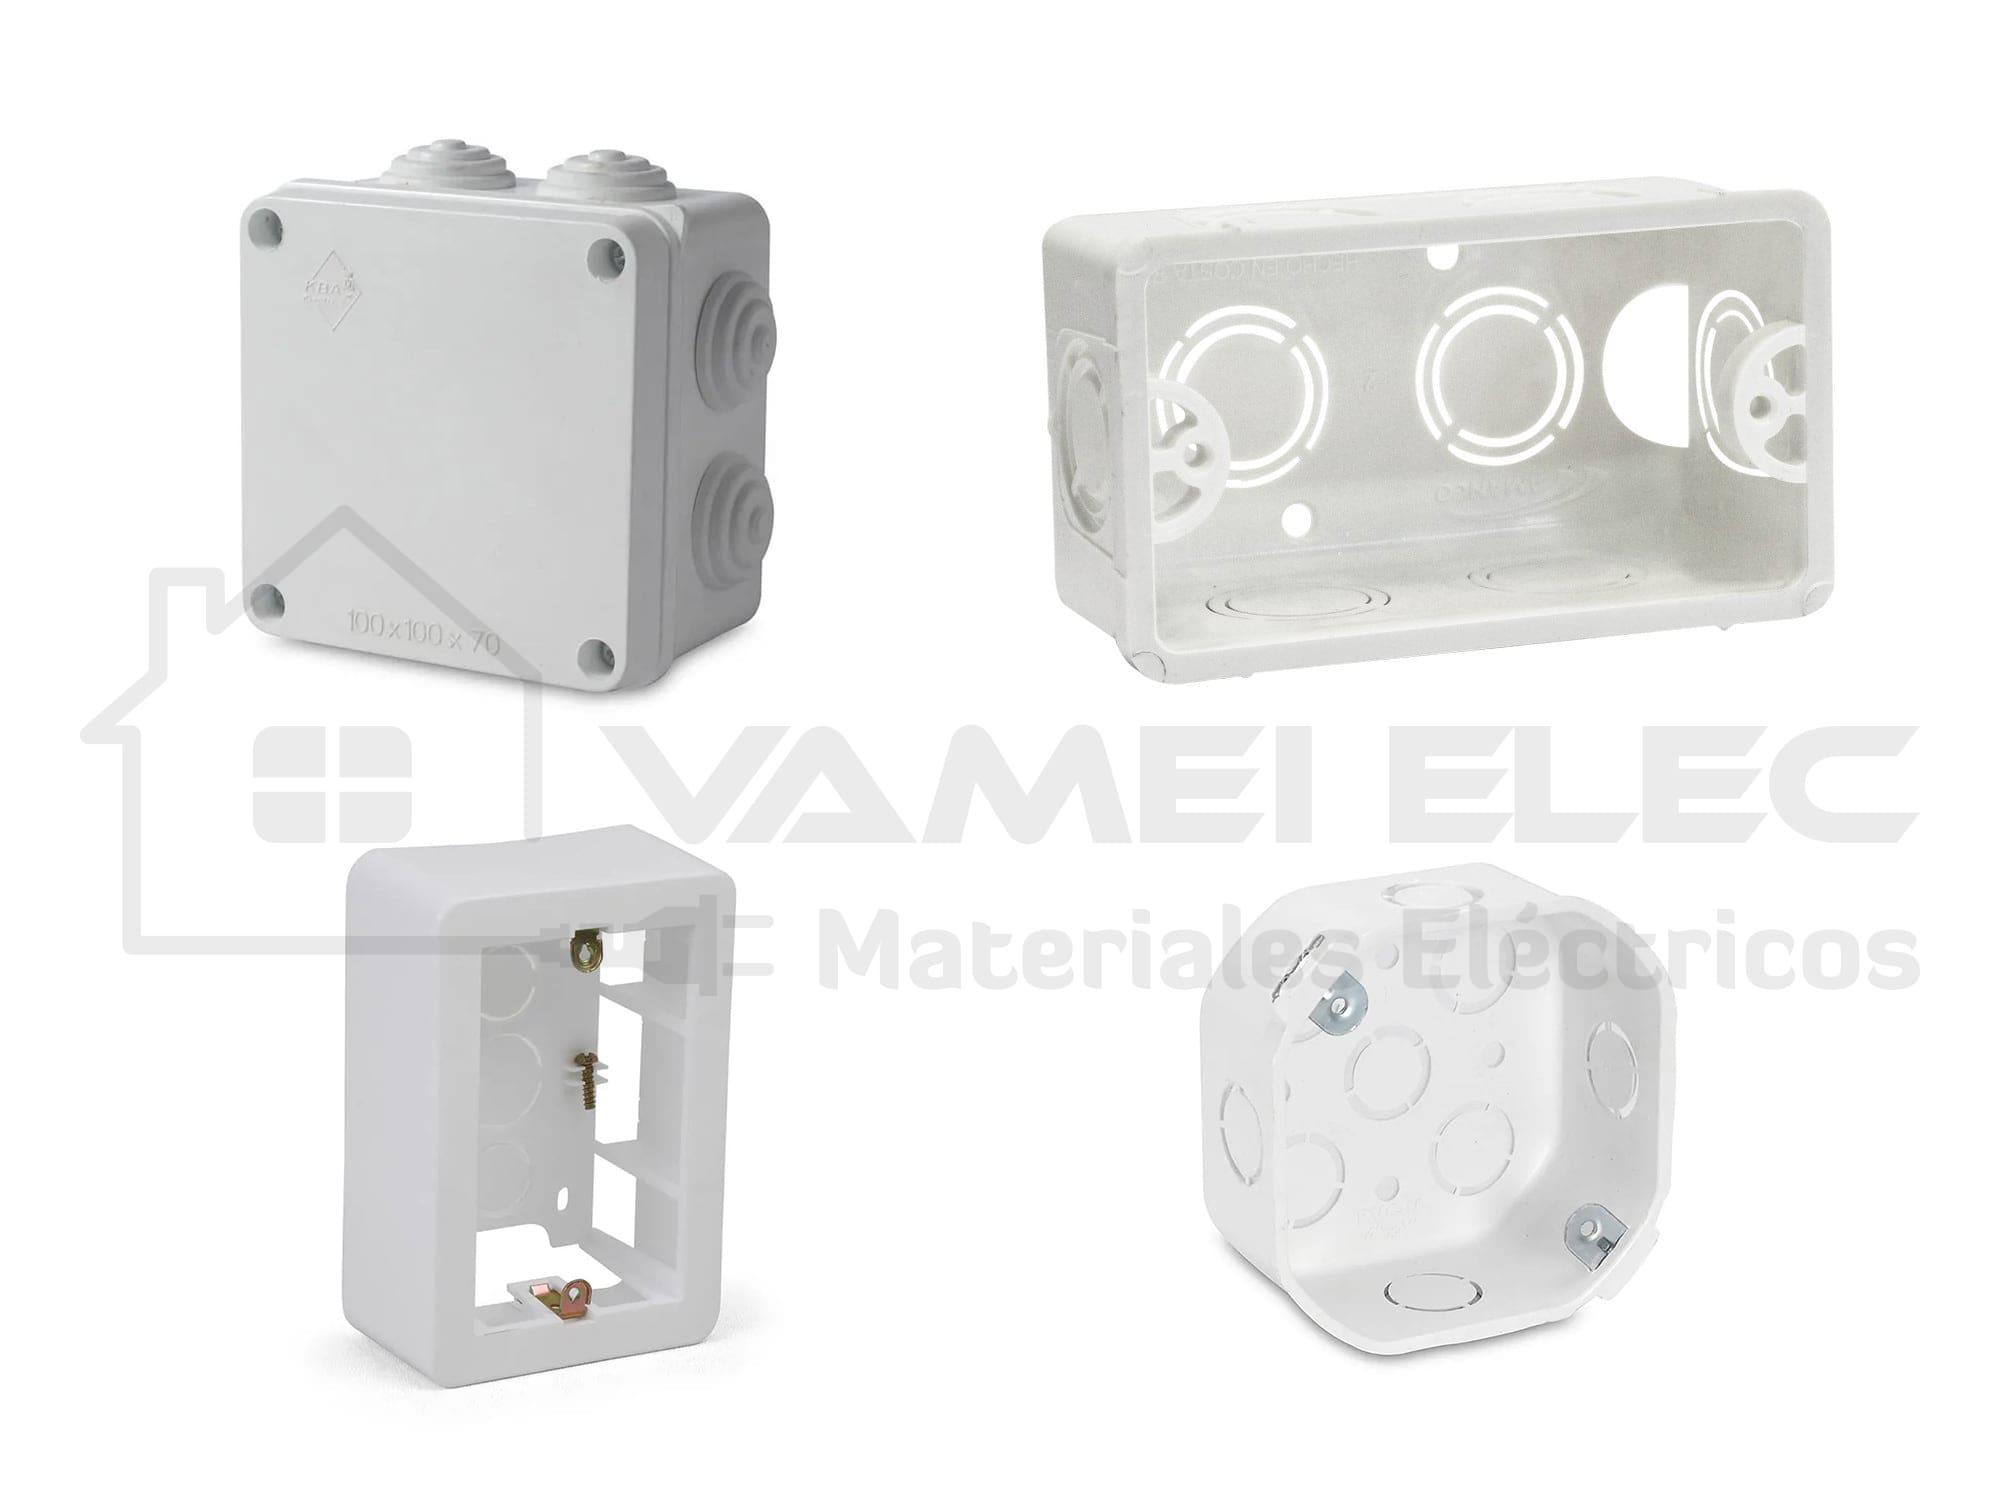 VAMEI Elec - Cajas y Caños - Cajas PVC